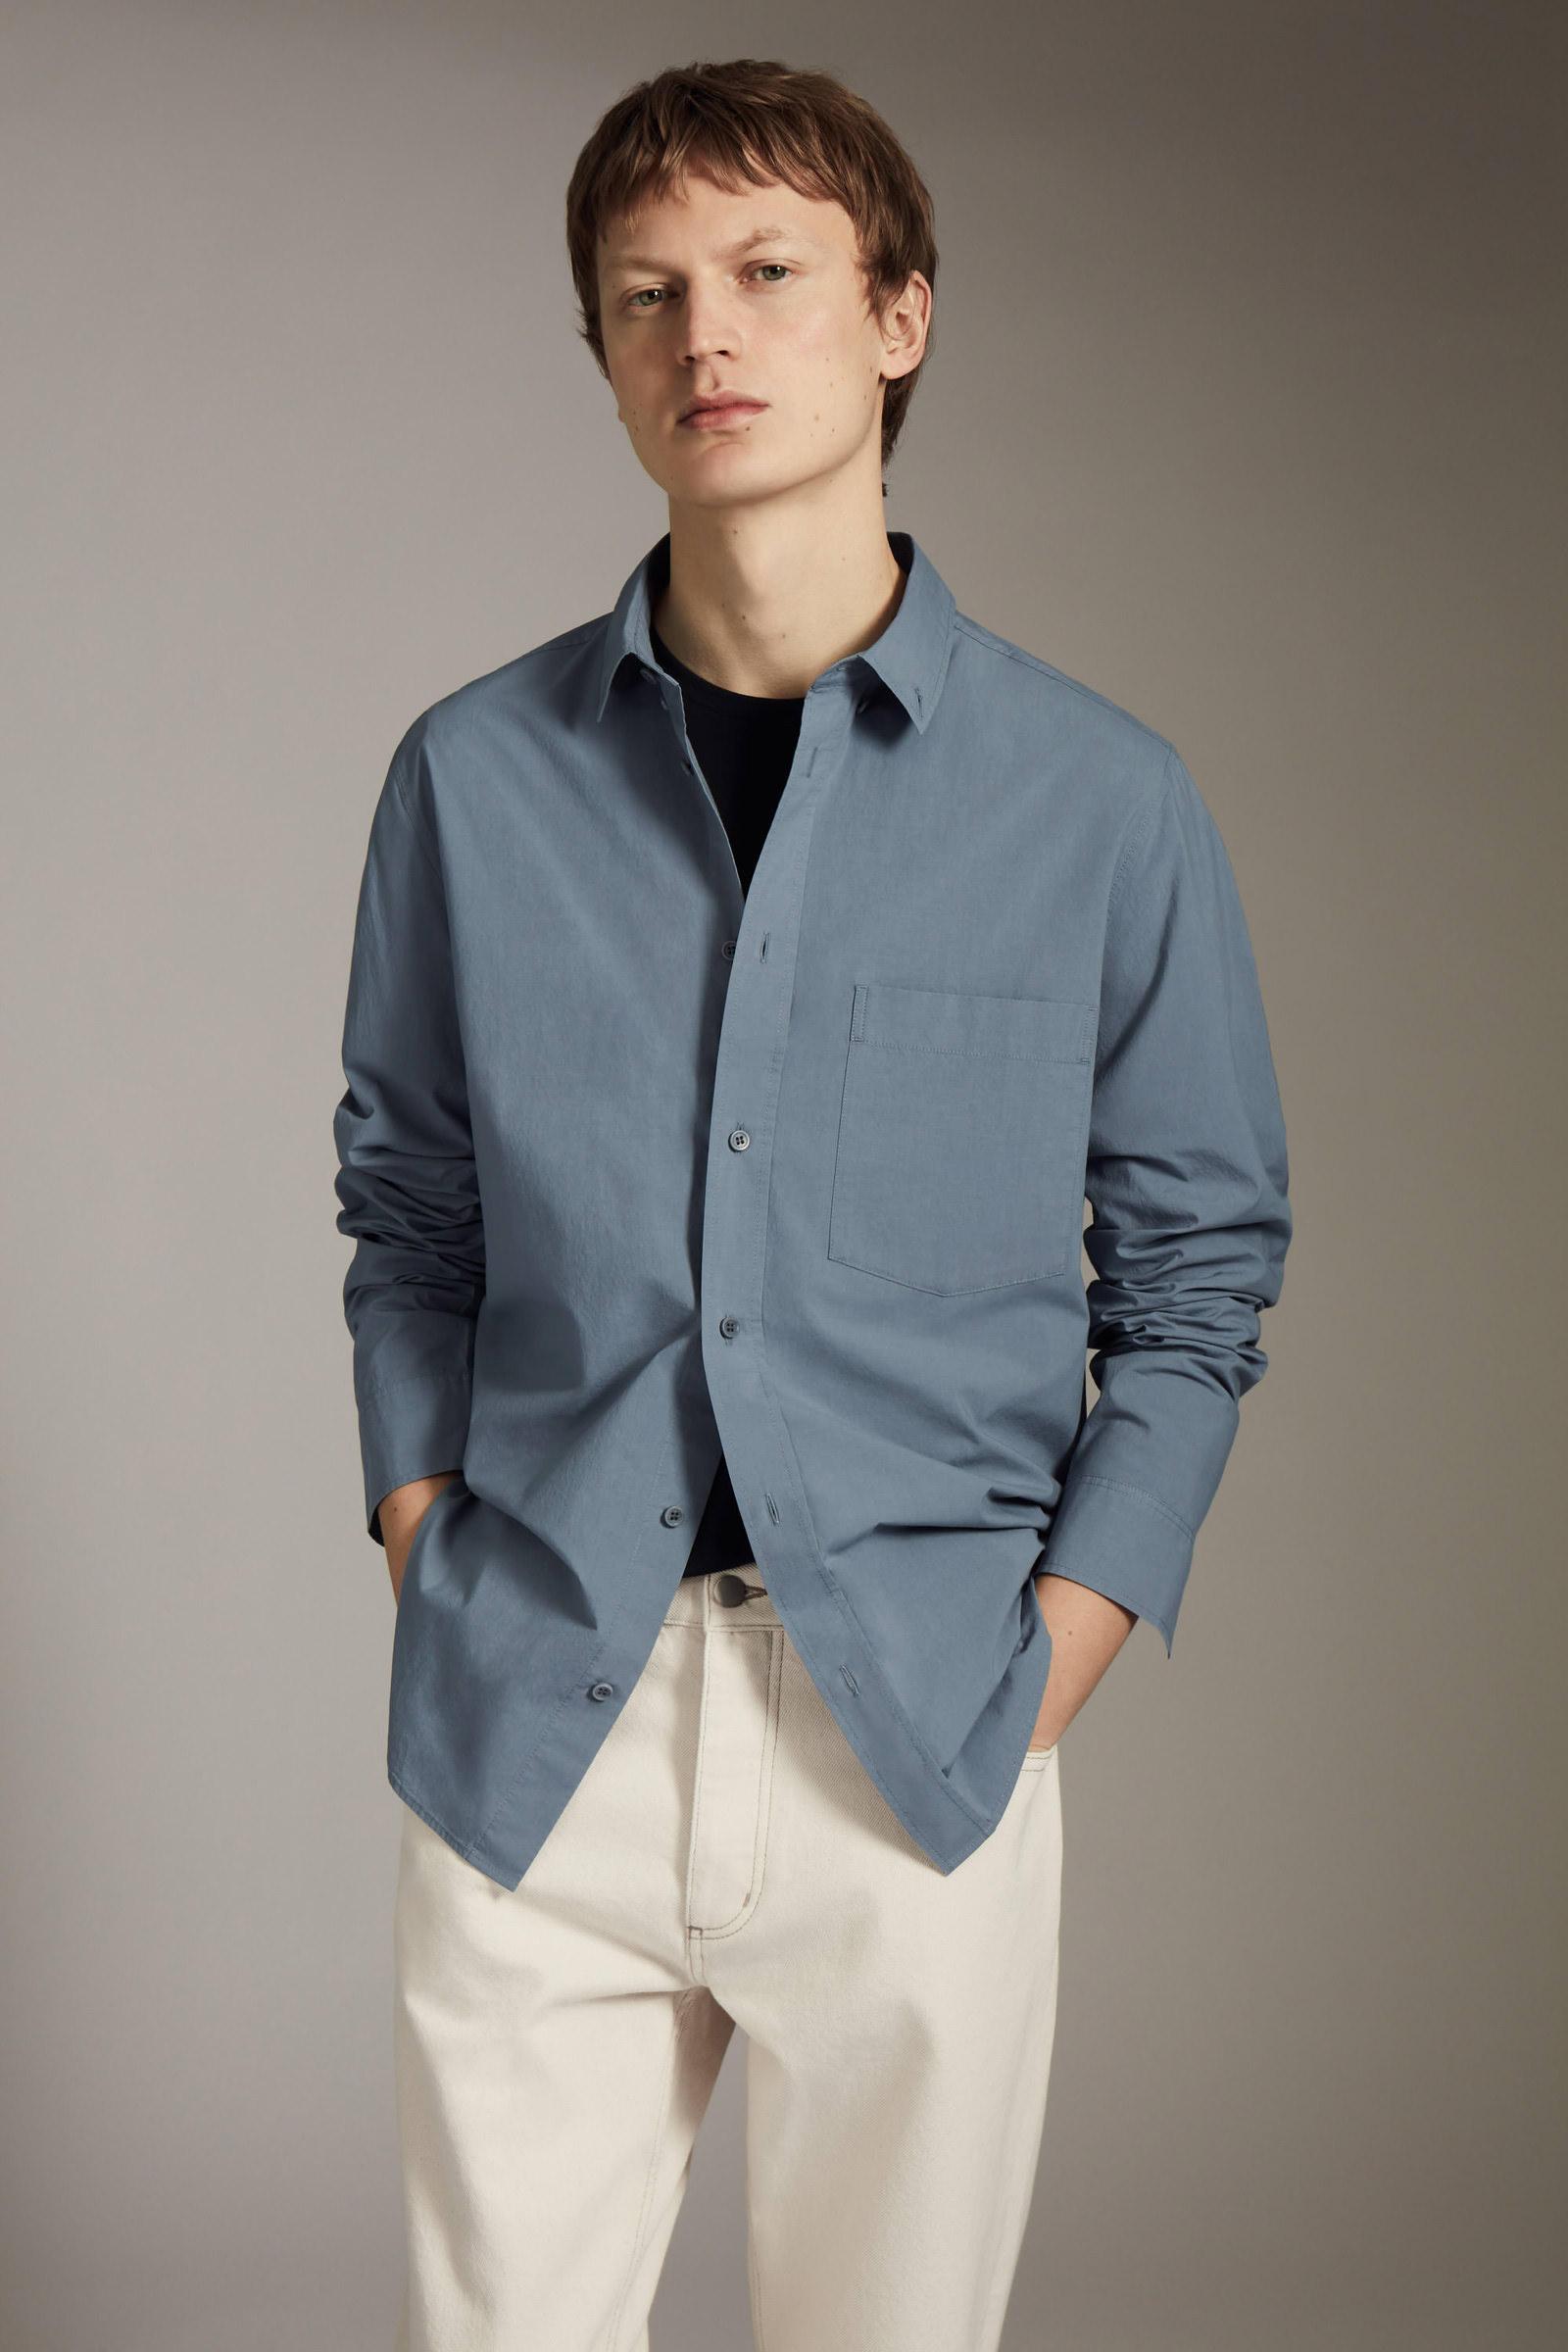 COS 레귤러 핏 포플린 셔츠의 스틸 블루컬러 Environmental입니다.